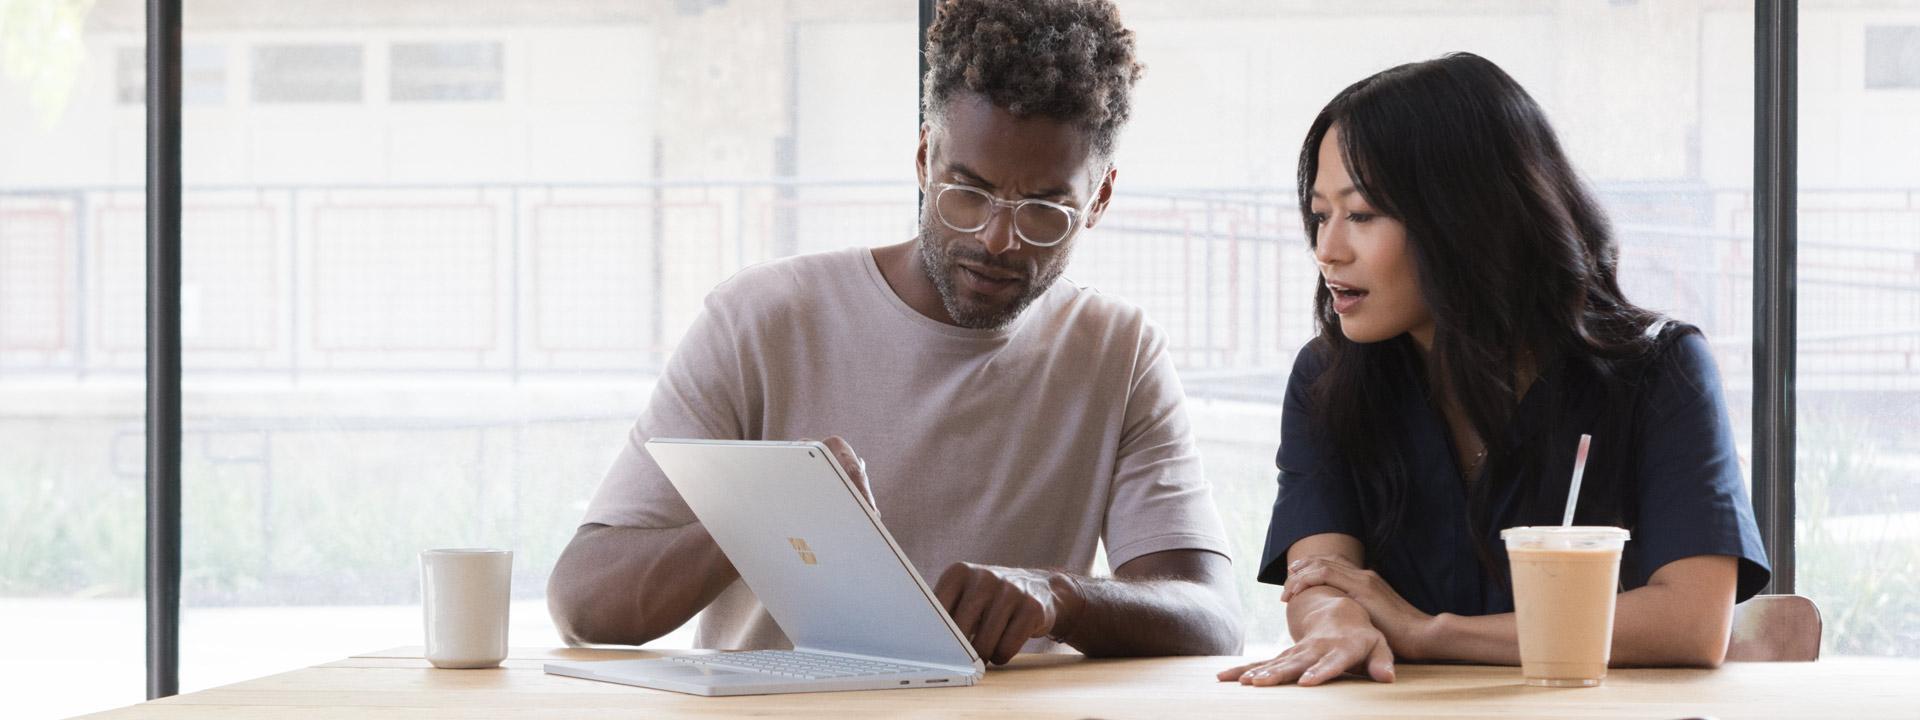 Hombre y mujer que miran un SurfaceBook2 plegado sobre el teclado en una cafetería.